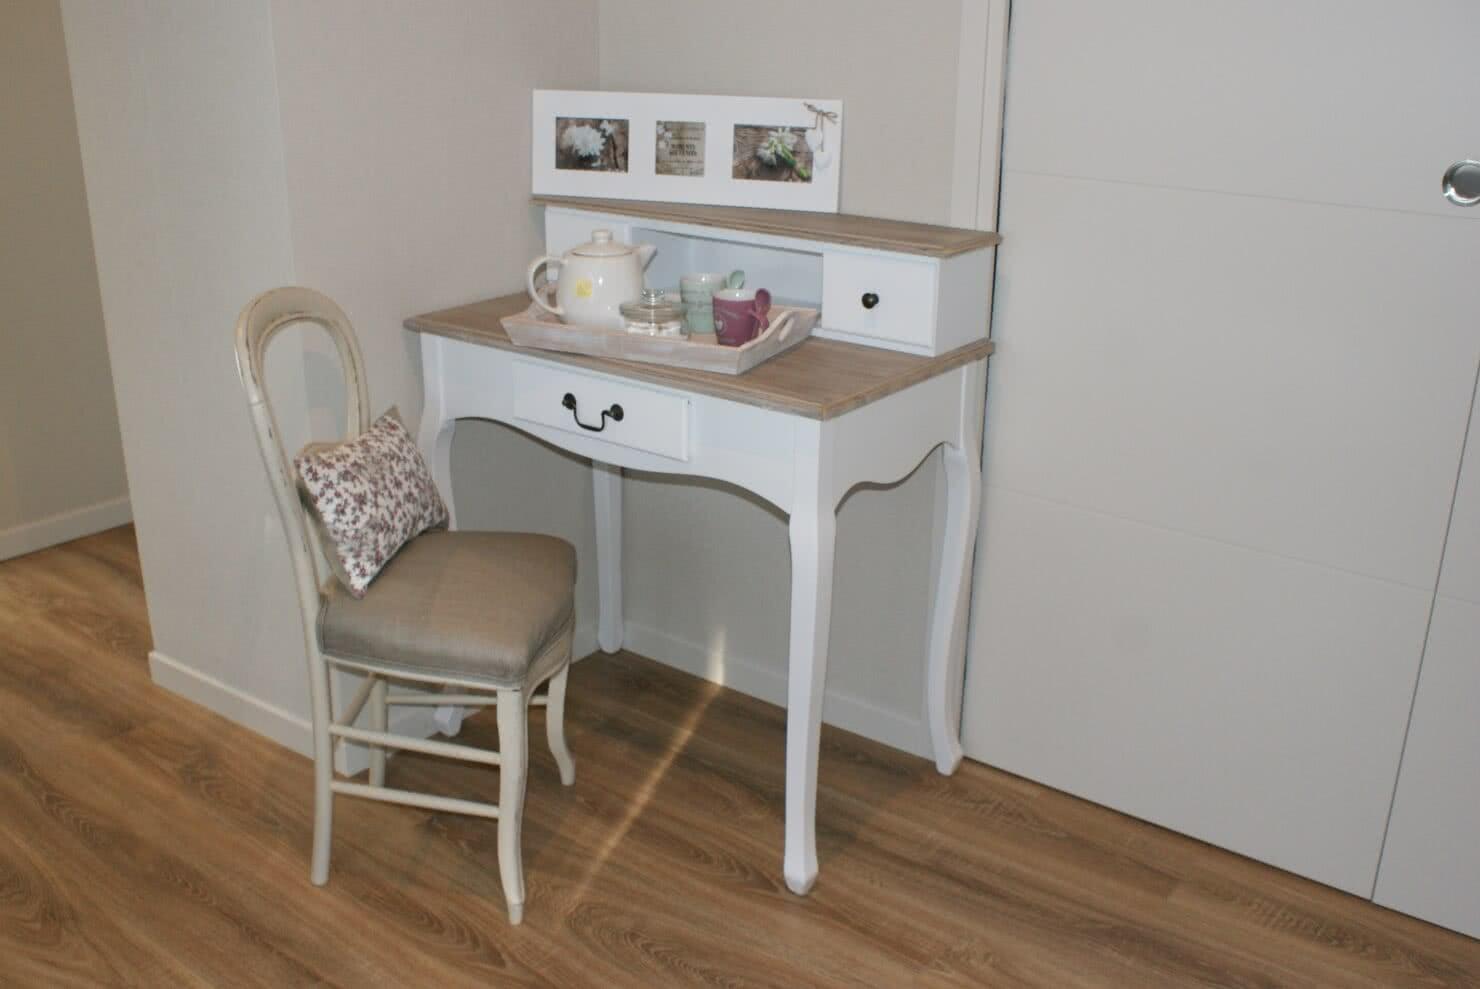 chambres d 39 h tes suite rochefort en terre village pr f r des fran ais. Black Bedroom Furniture Sets. Home Design Ideas